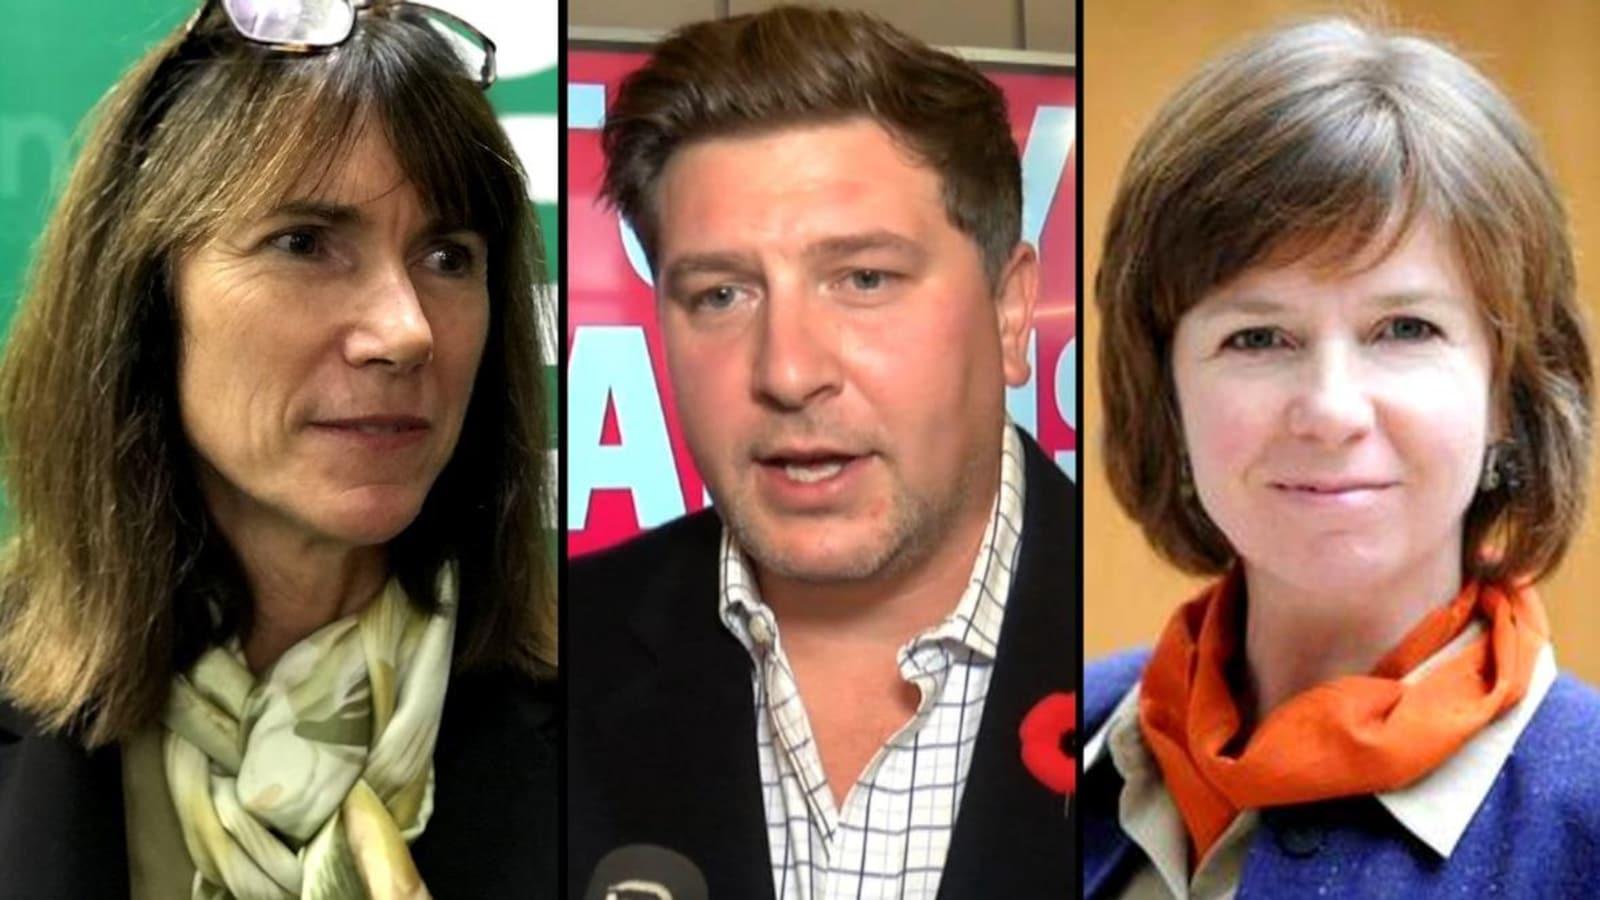 Des photos des trois candidats aux élections partielles de Nanaimo